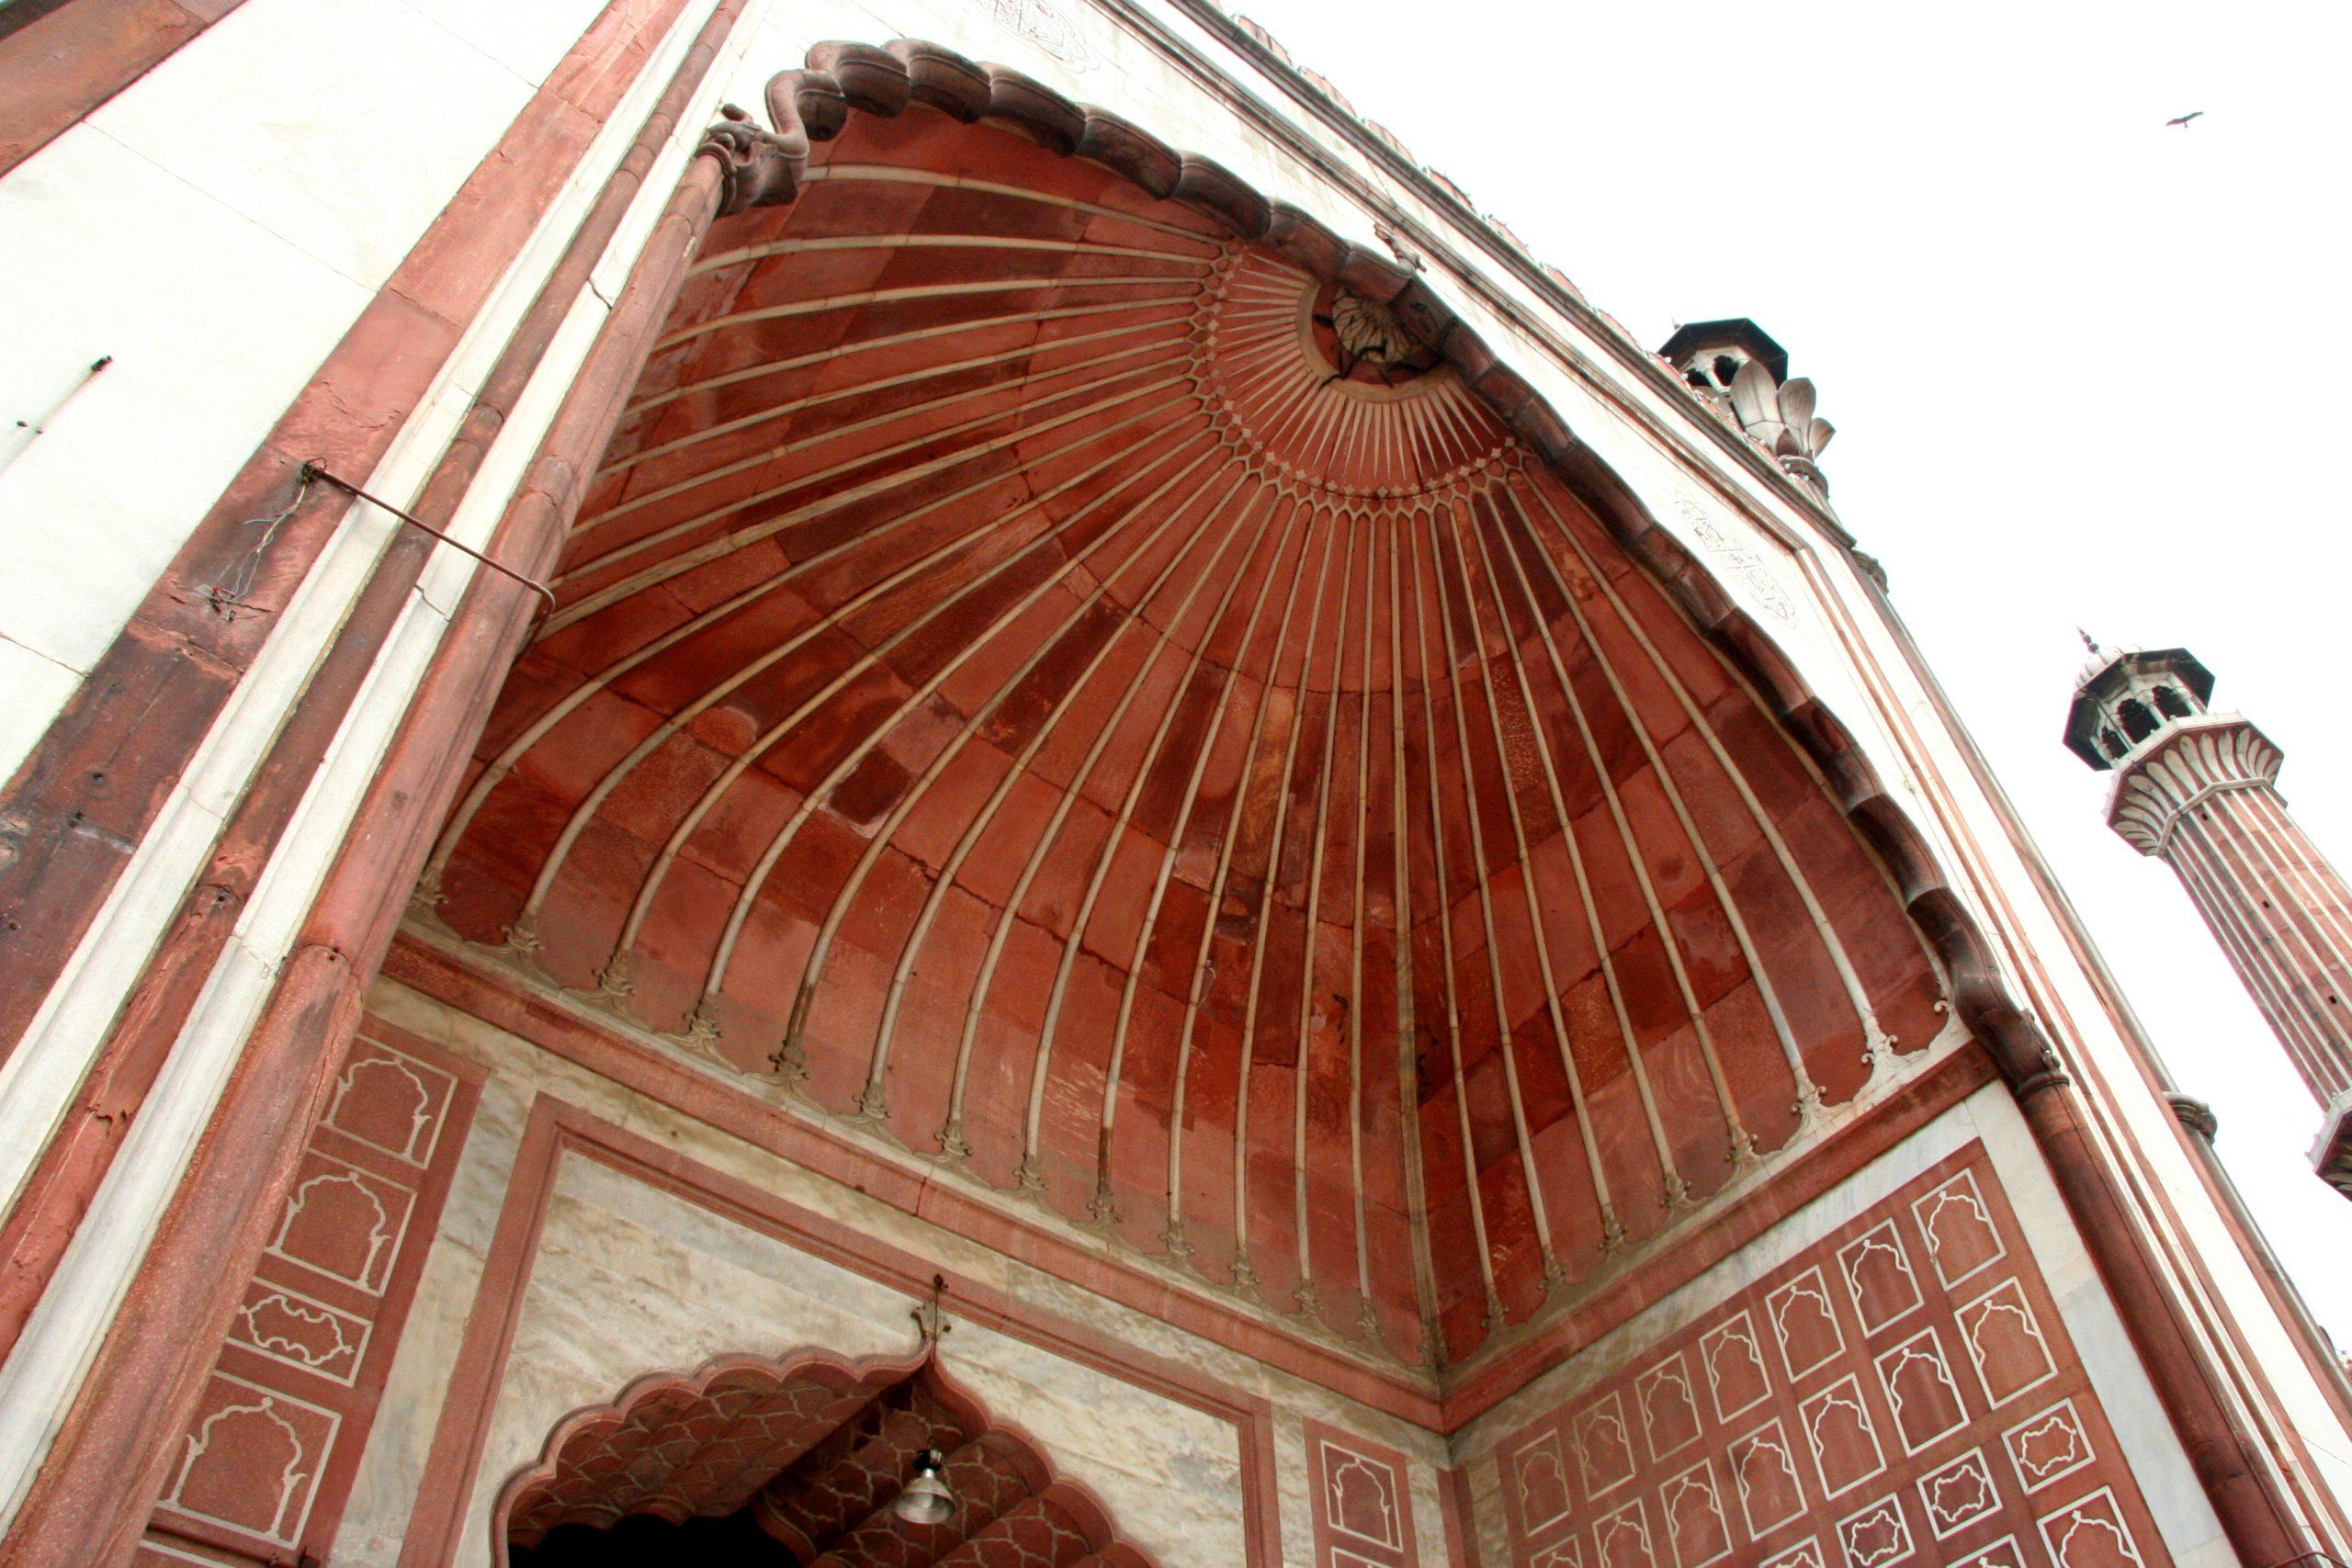 2015, Jama Masjid, Delhi, India